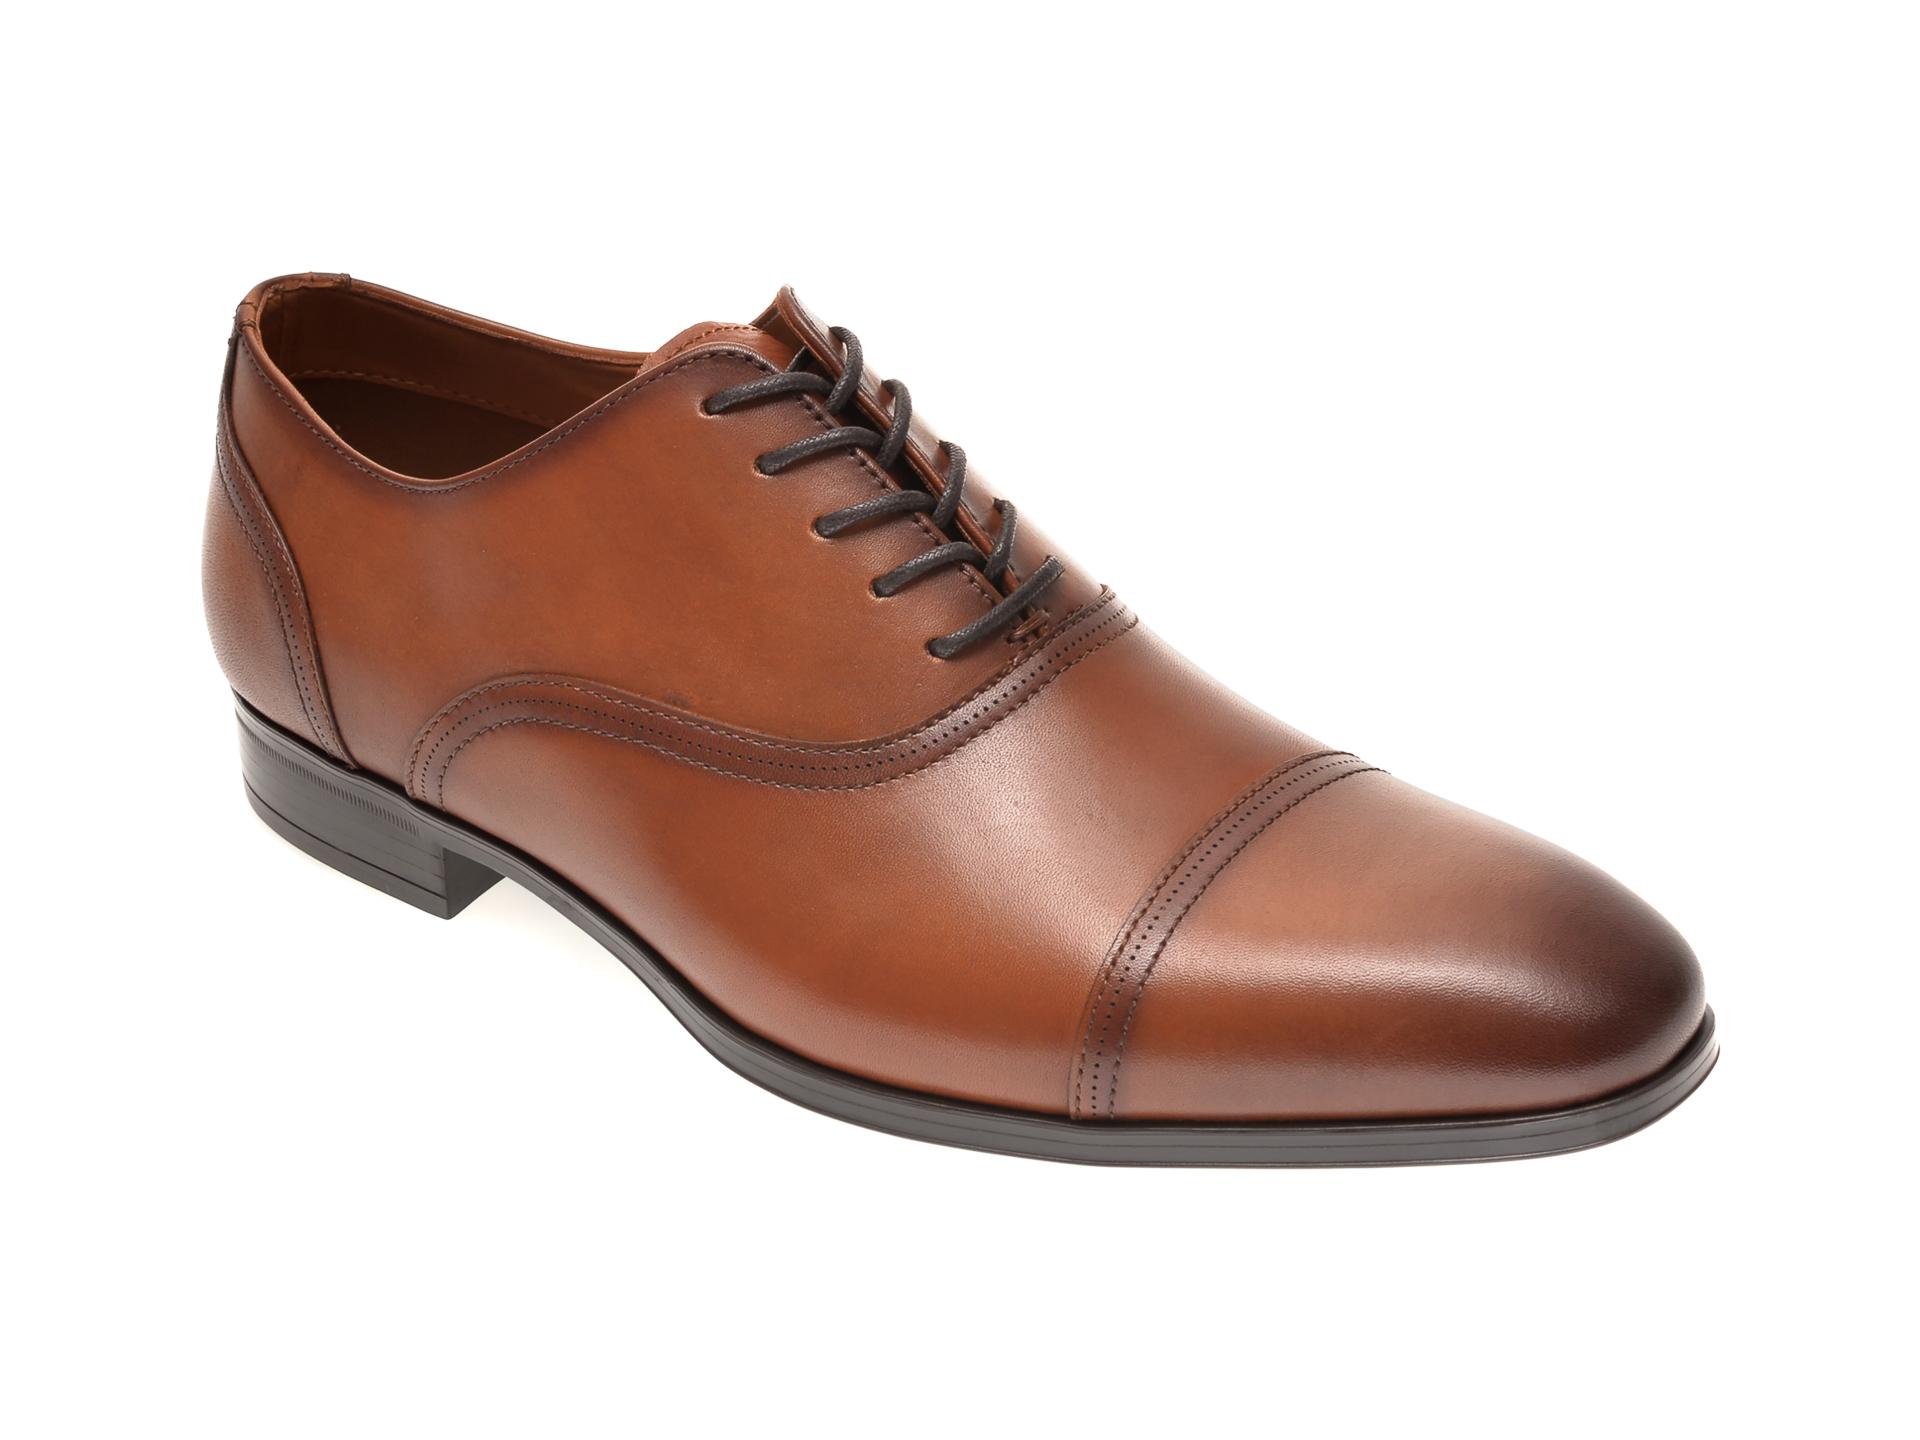 Pantofi ALDO maro, Bongerd220, din piele naturala imagine